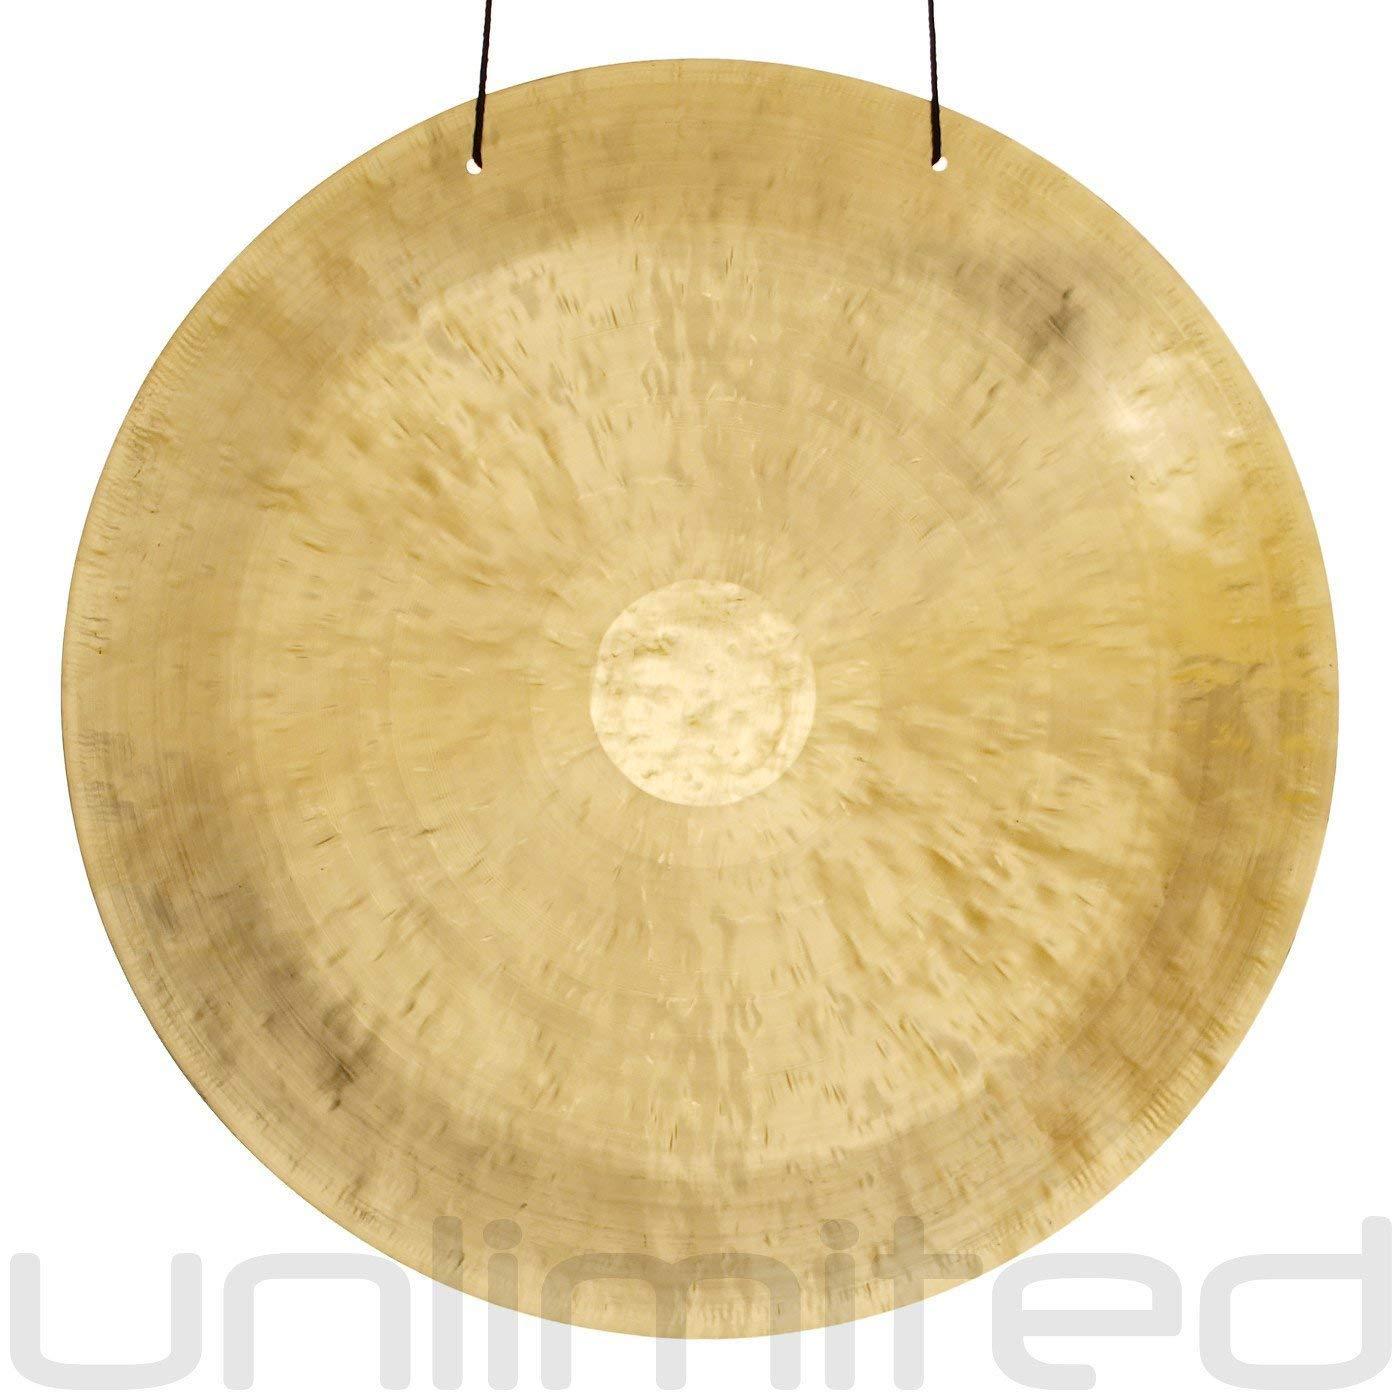 Unlimited Wind Gongs